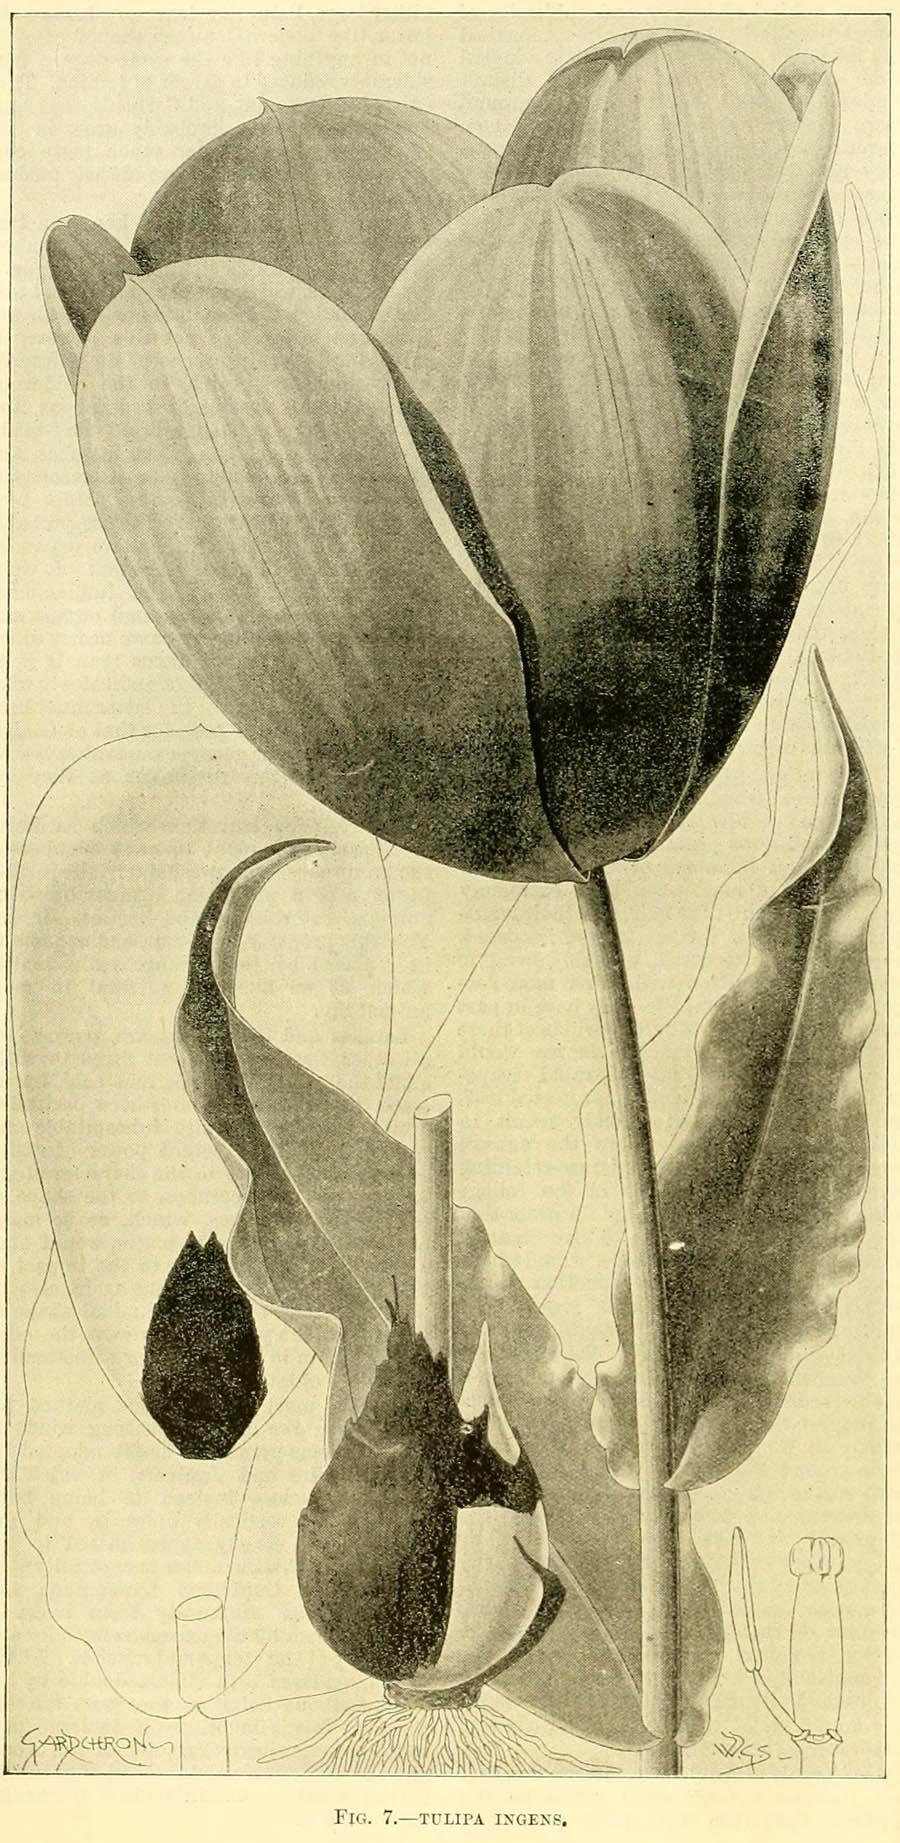 Tulipa_ingens_1c.jpg